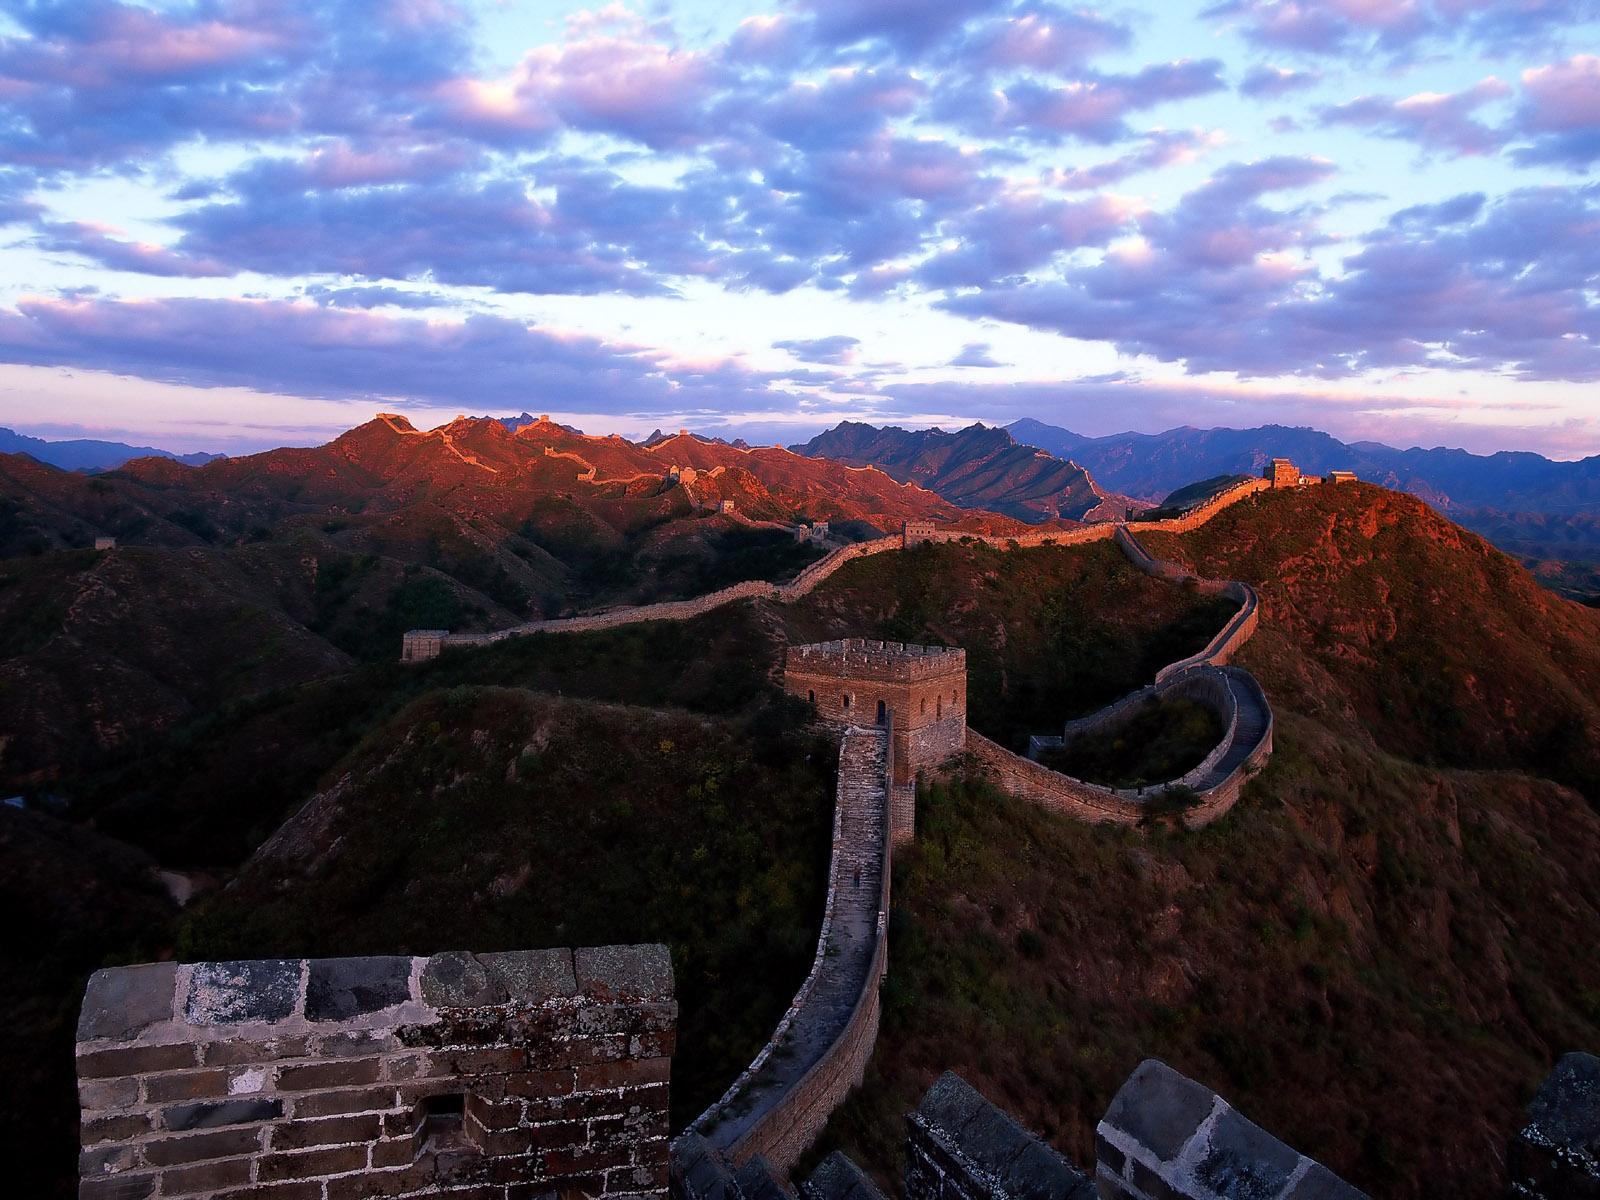 http://1.bp.blogspot.com/_XF_J0xP6x-w/TQP9-9k8DeI/AAAAAAAAAk8/Gpoey2Cq-5I/s1600/fondospantallagratis.com-viajes-675.jpg